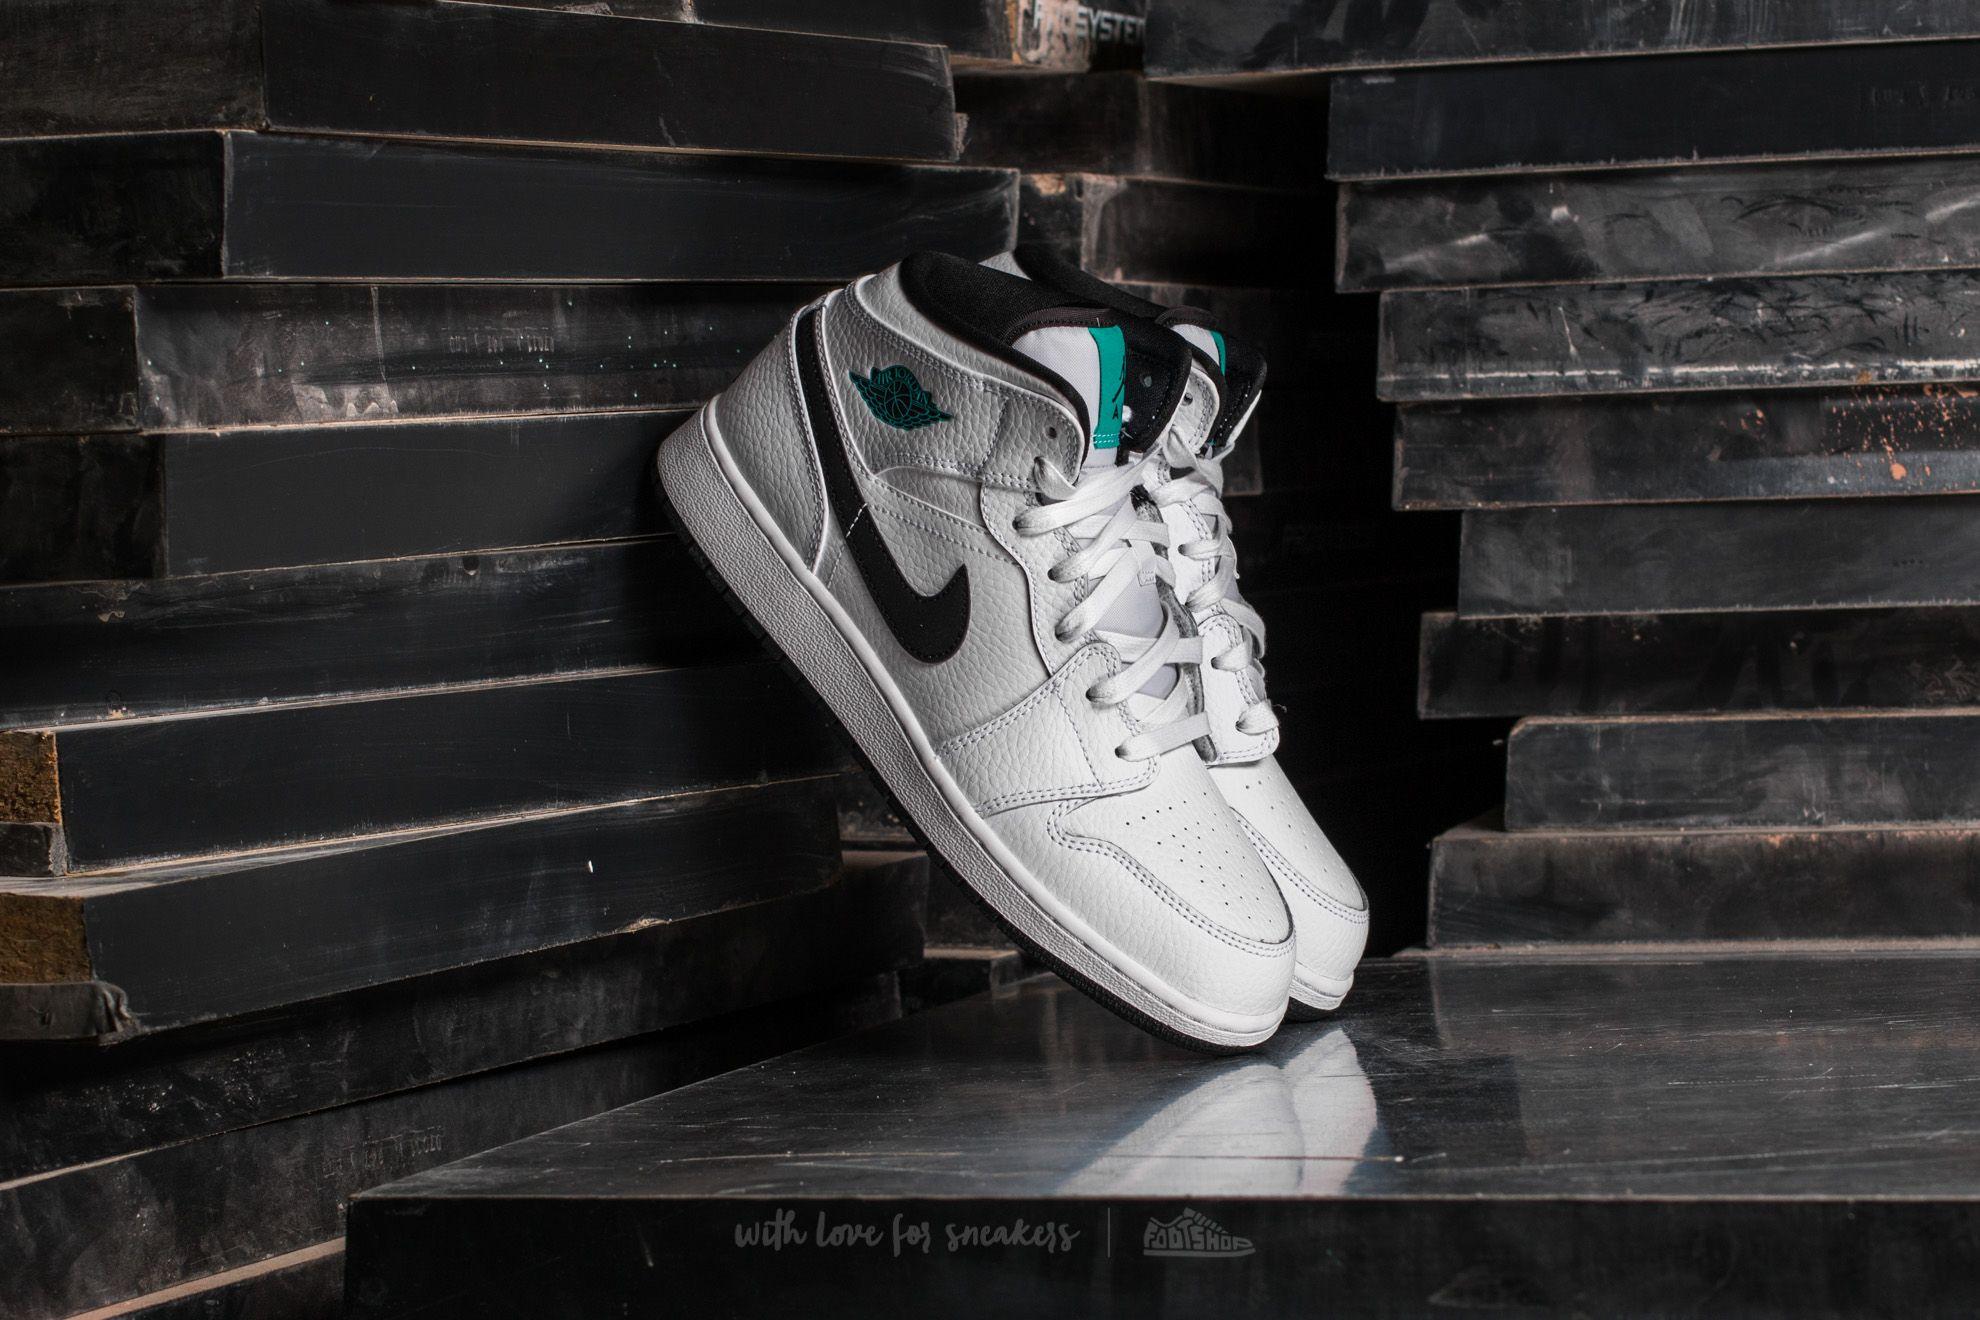 Air Jordan 1 Mid BG White/ Black-White-Hyper Jade